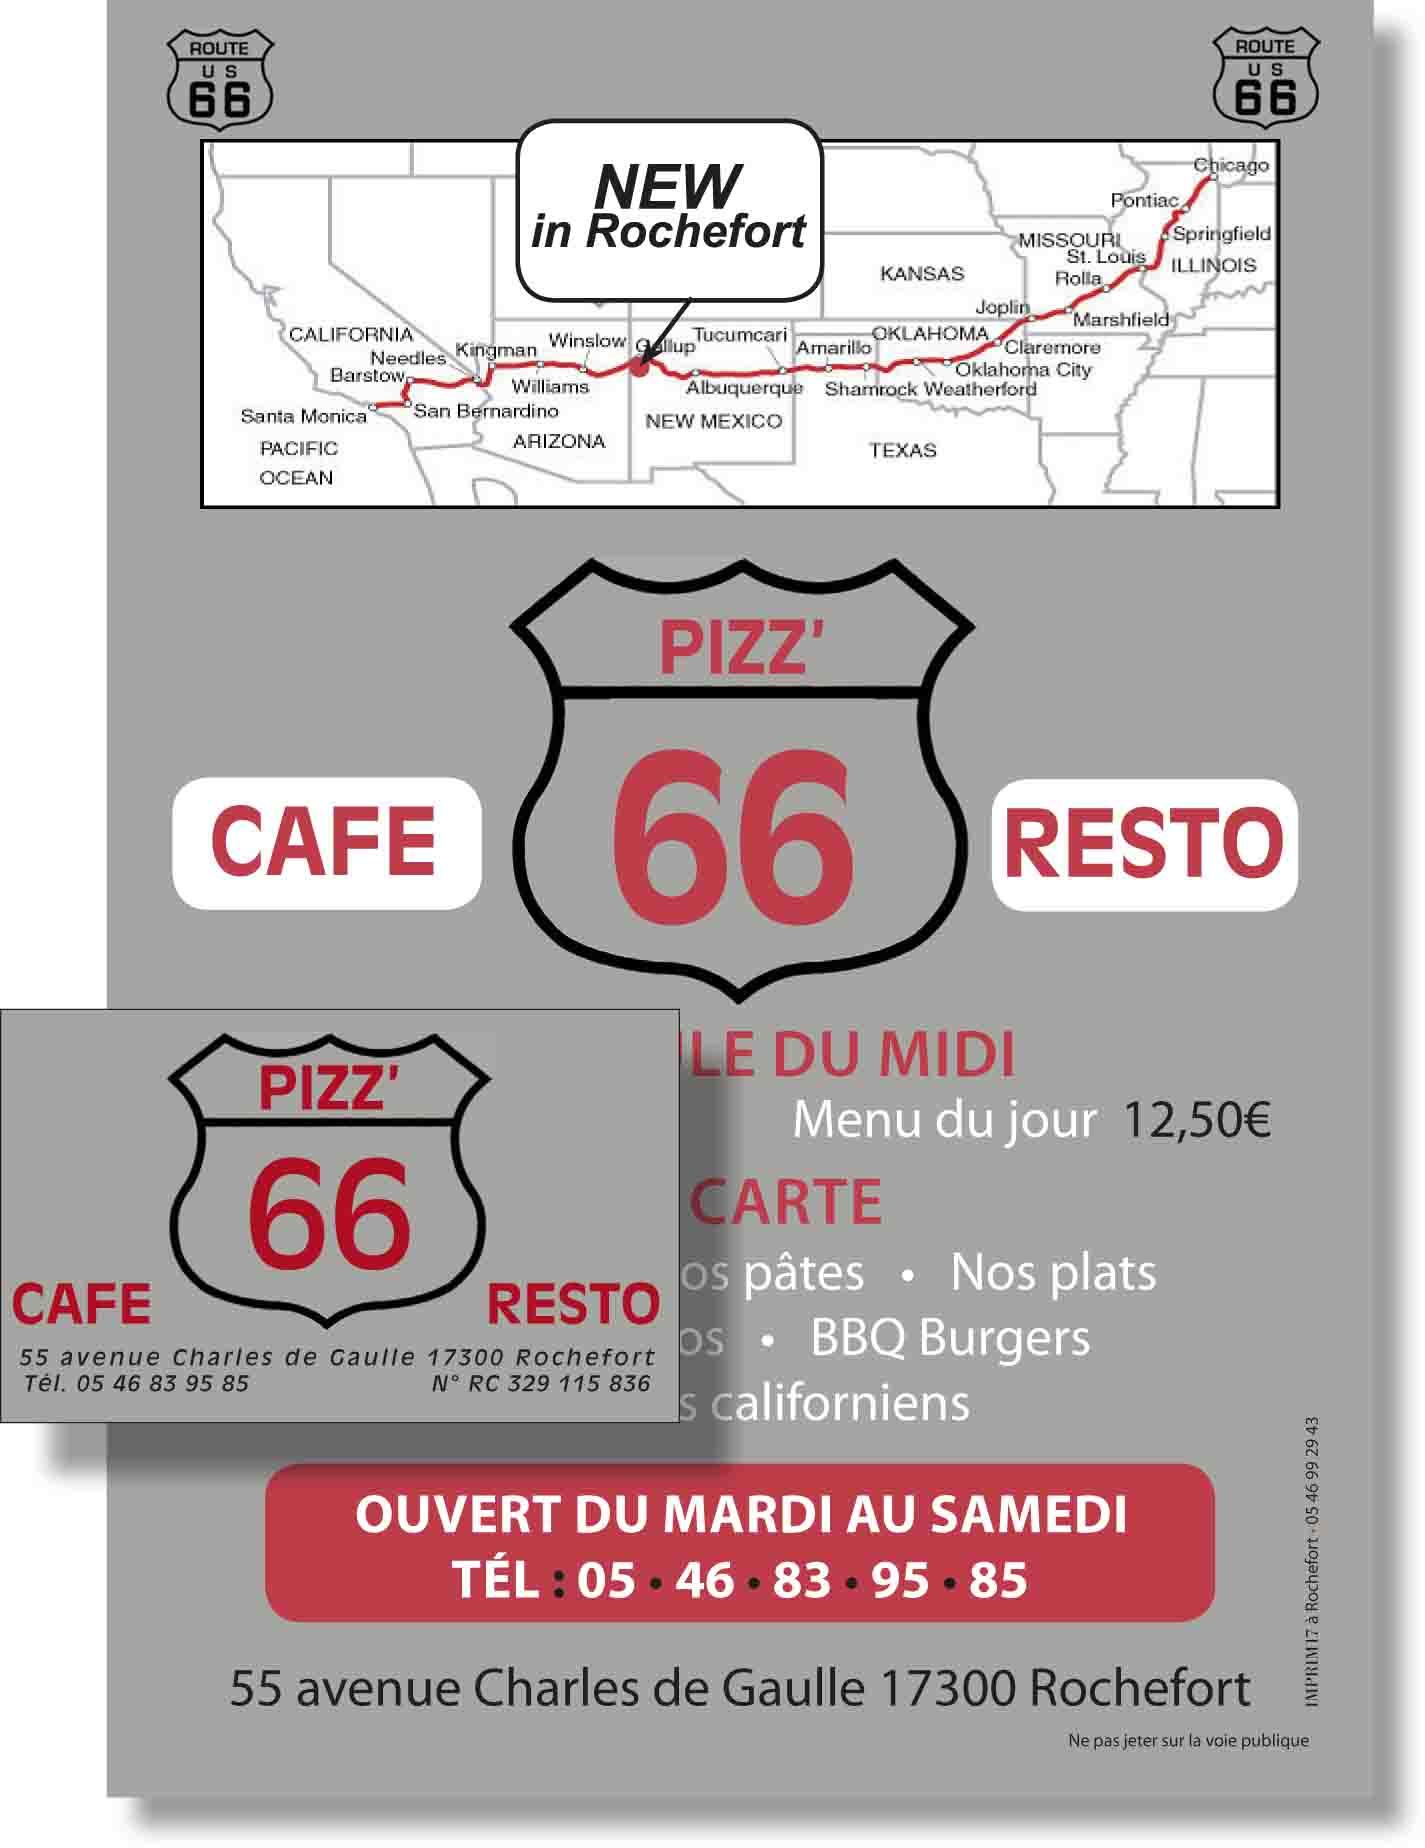 Cartes et flyers pour une pizzeria  (création Imprim17)